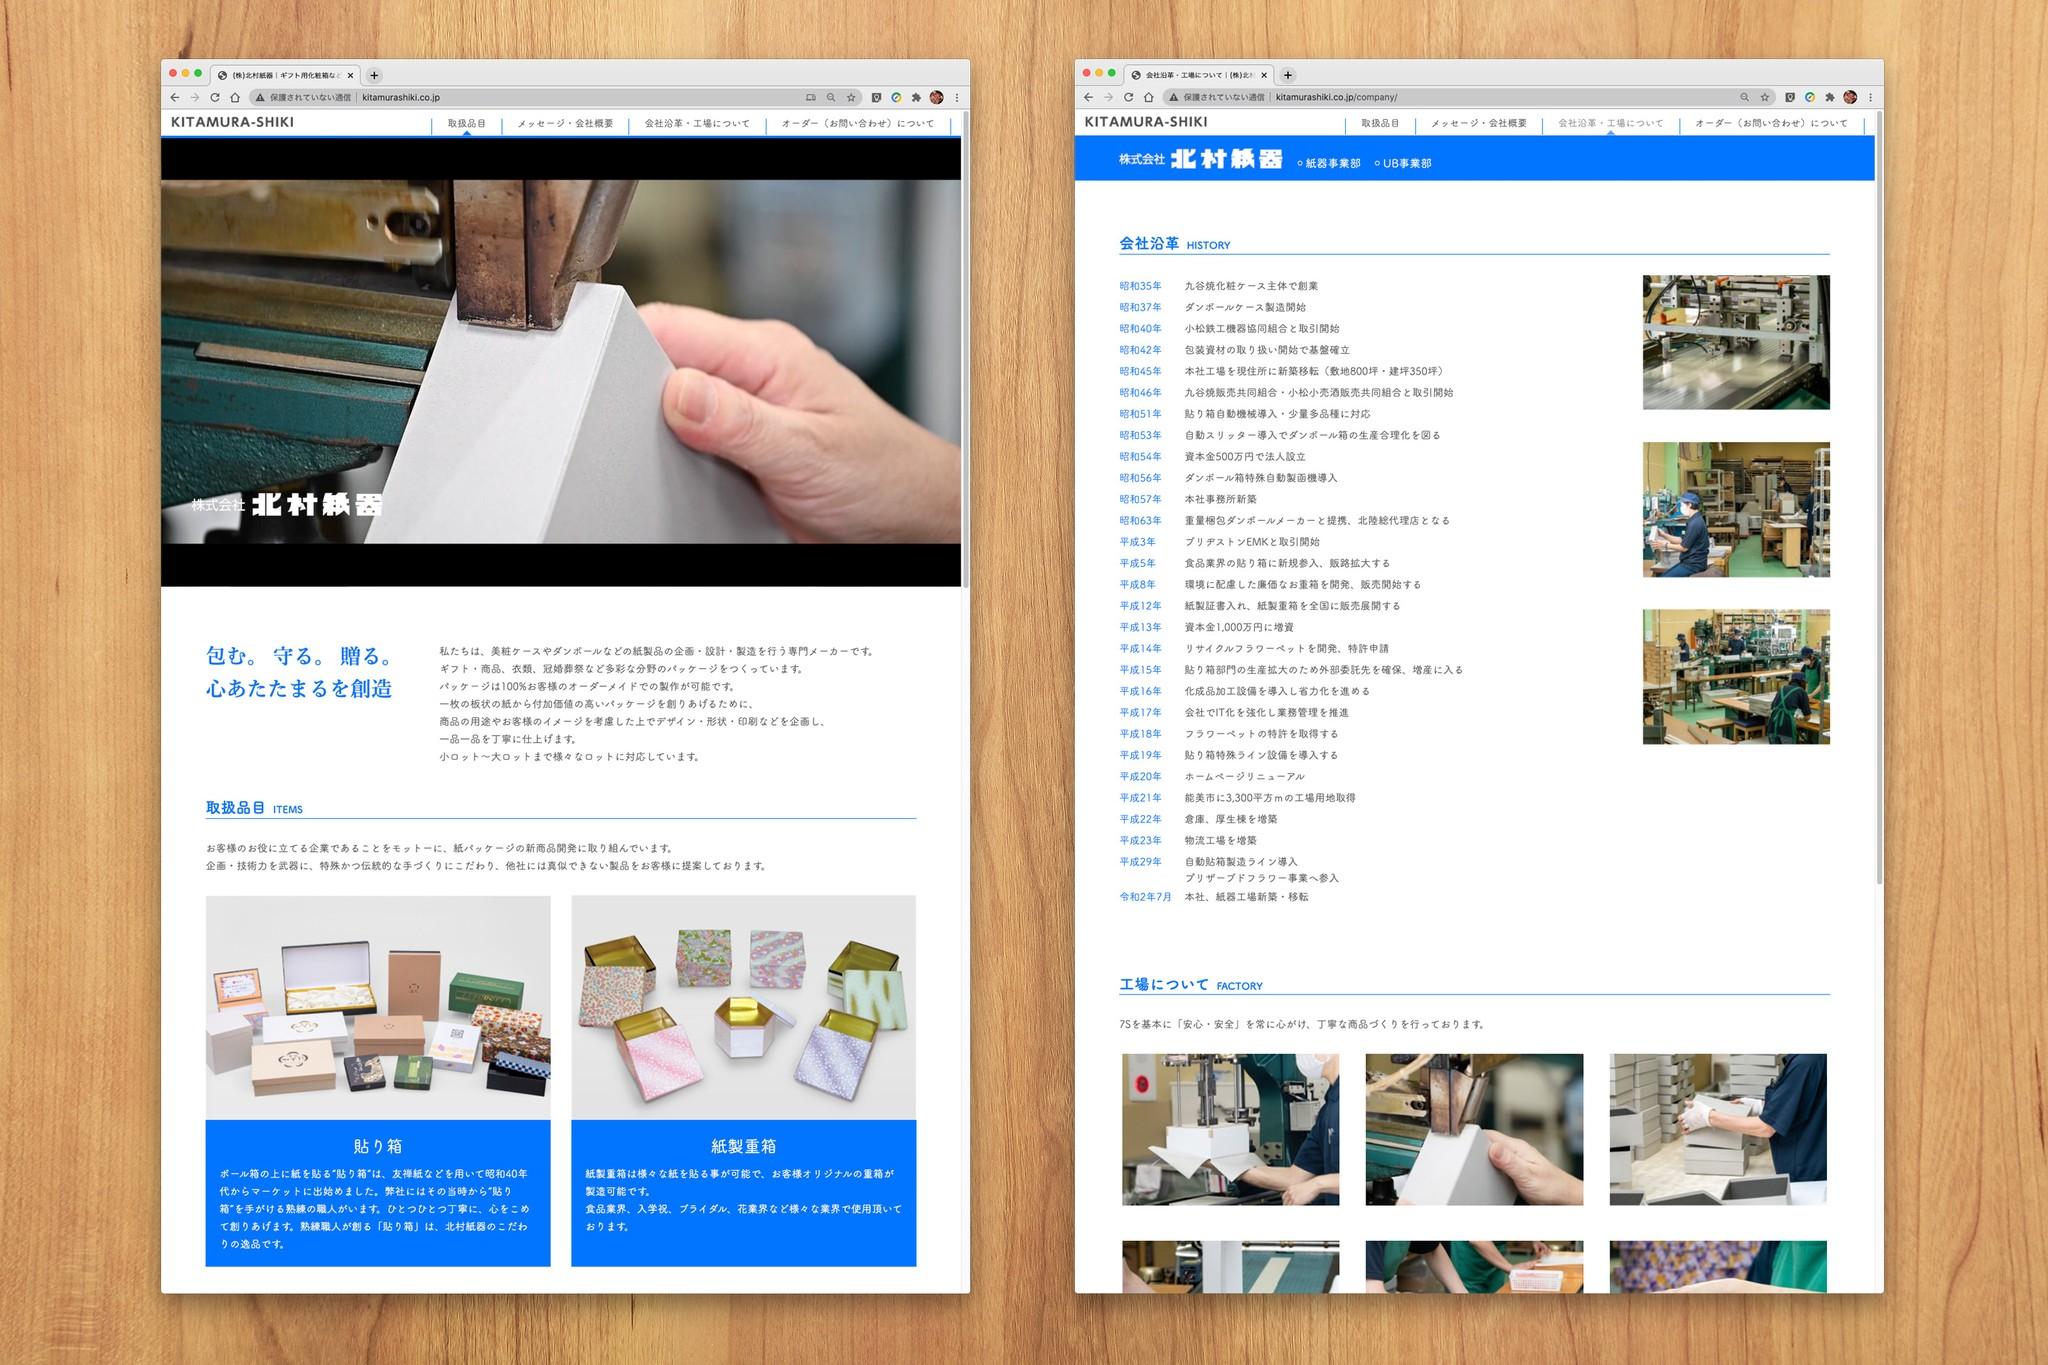 【デザイン事例】紙器製造・販売会社の会社案内ホームページ